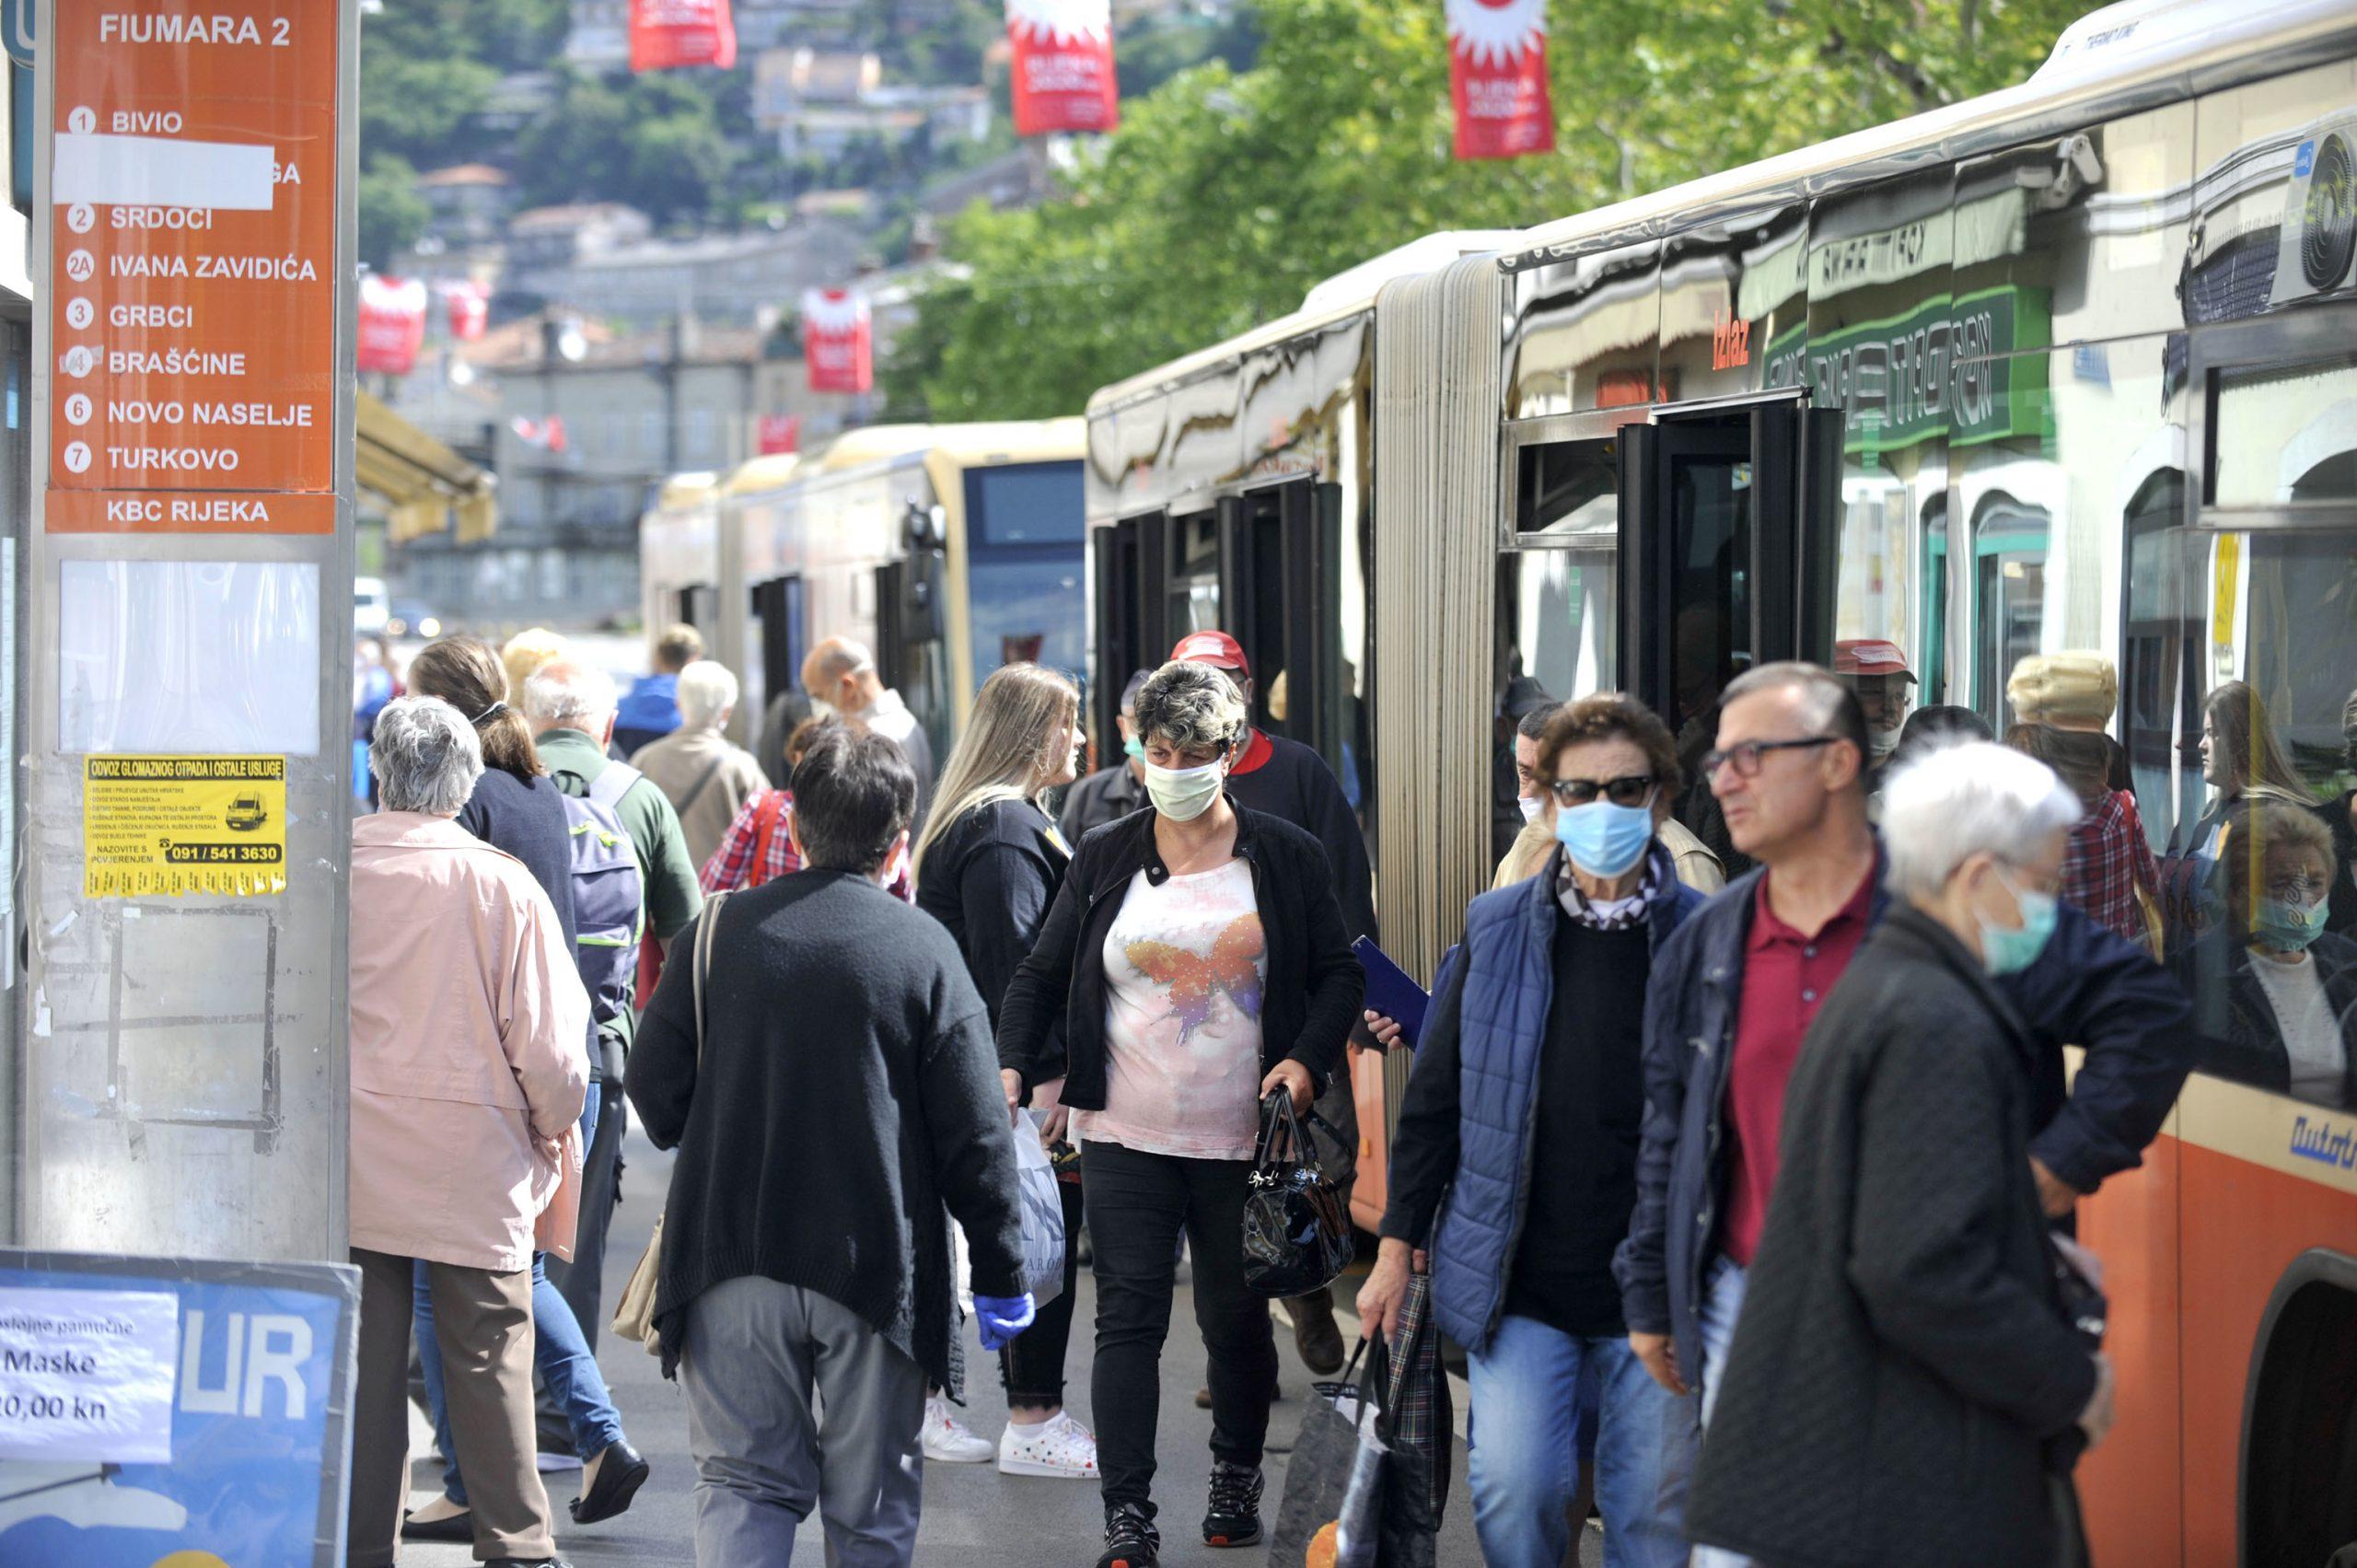 Autobusi u travnju gotovo da i nisu vozili, no s popuštanjem mjera izolacije počeli su rasti i gubici javnog gradskog prijevoznika / Foto Vedran Karuza